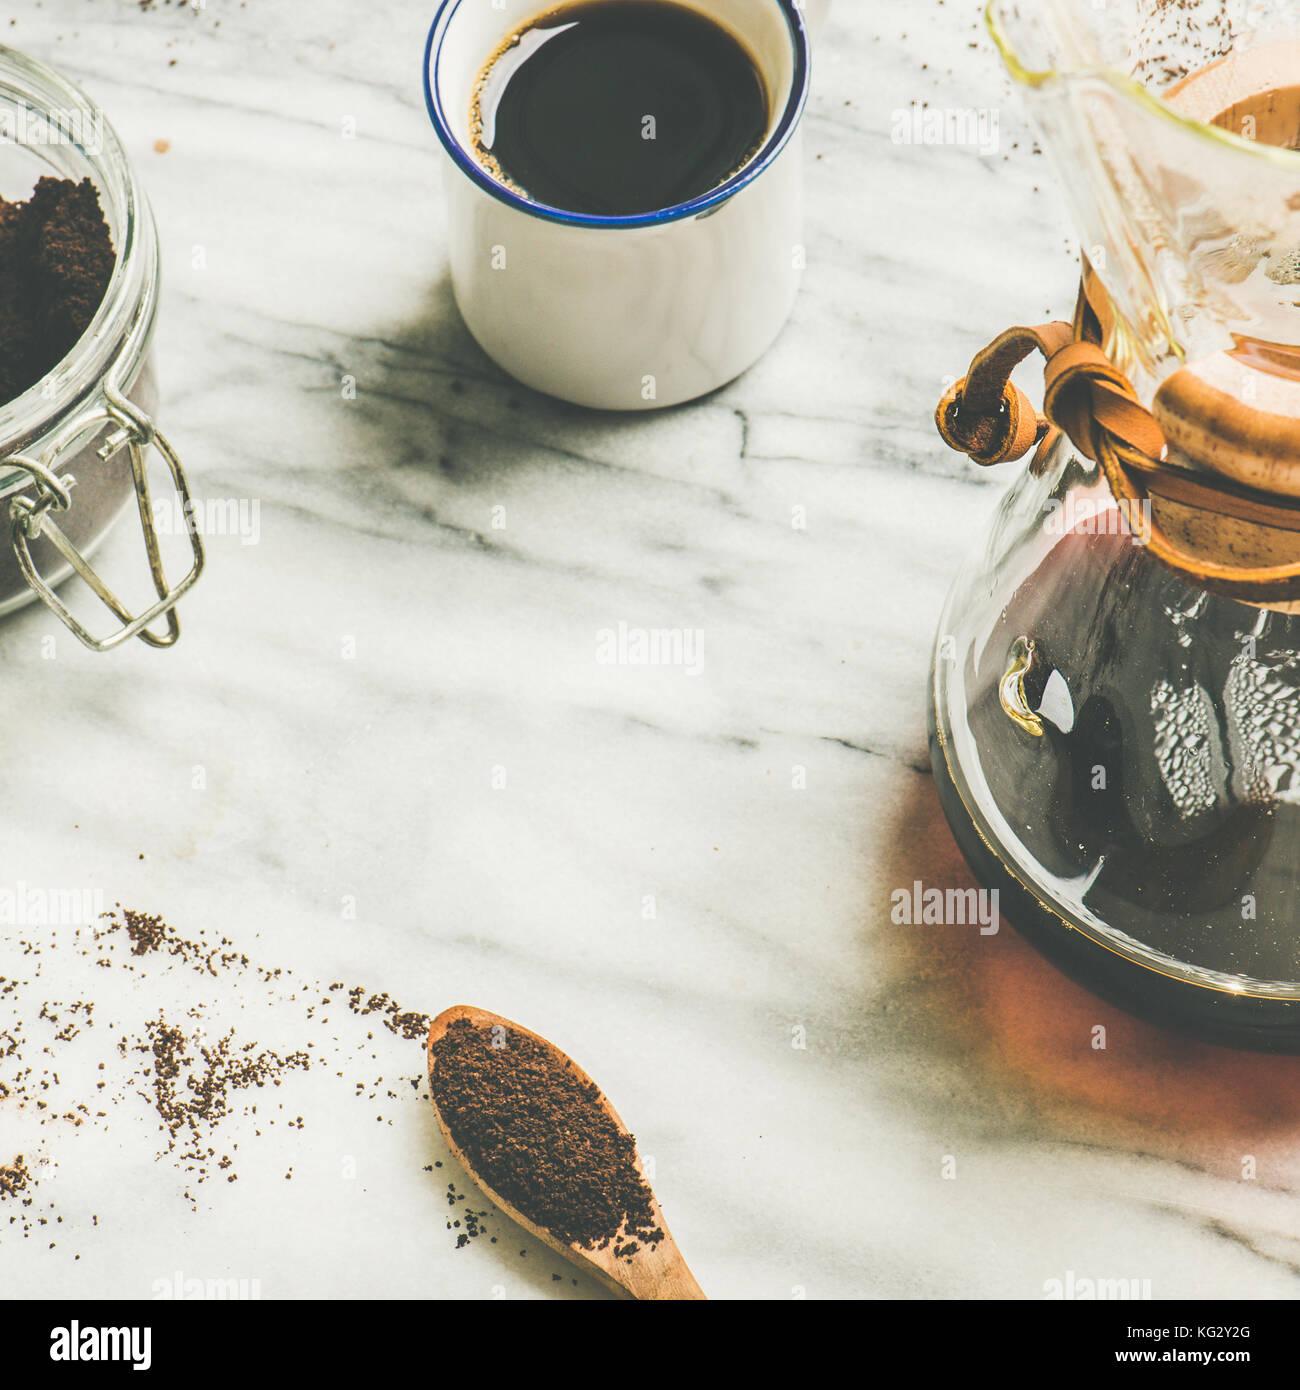 Schwarz gefilterten Kaffee, quadratisch zuschneiden, kopieren. Alternative brauen Konzept Stockbild